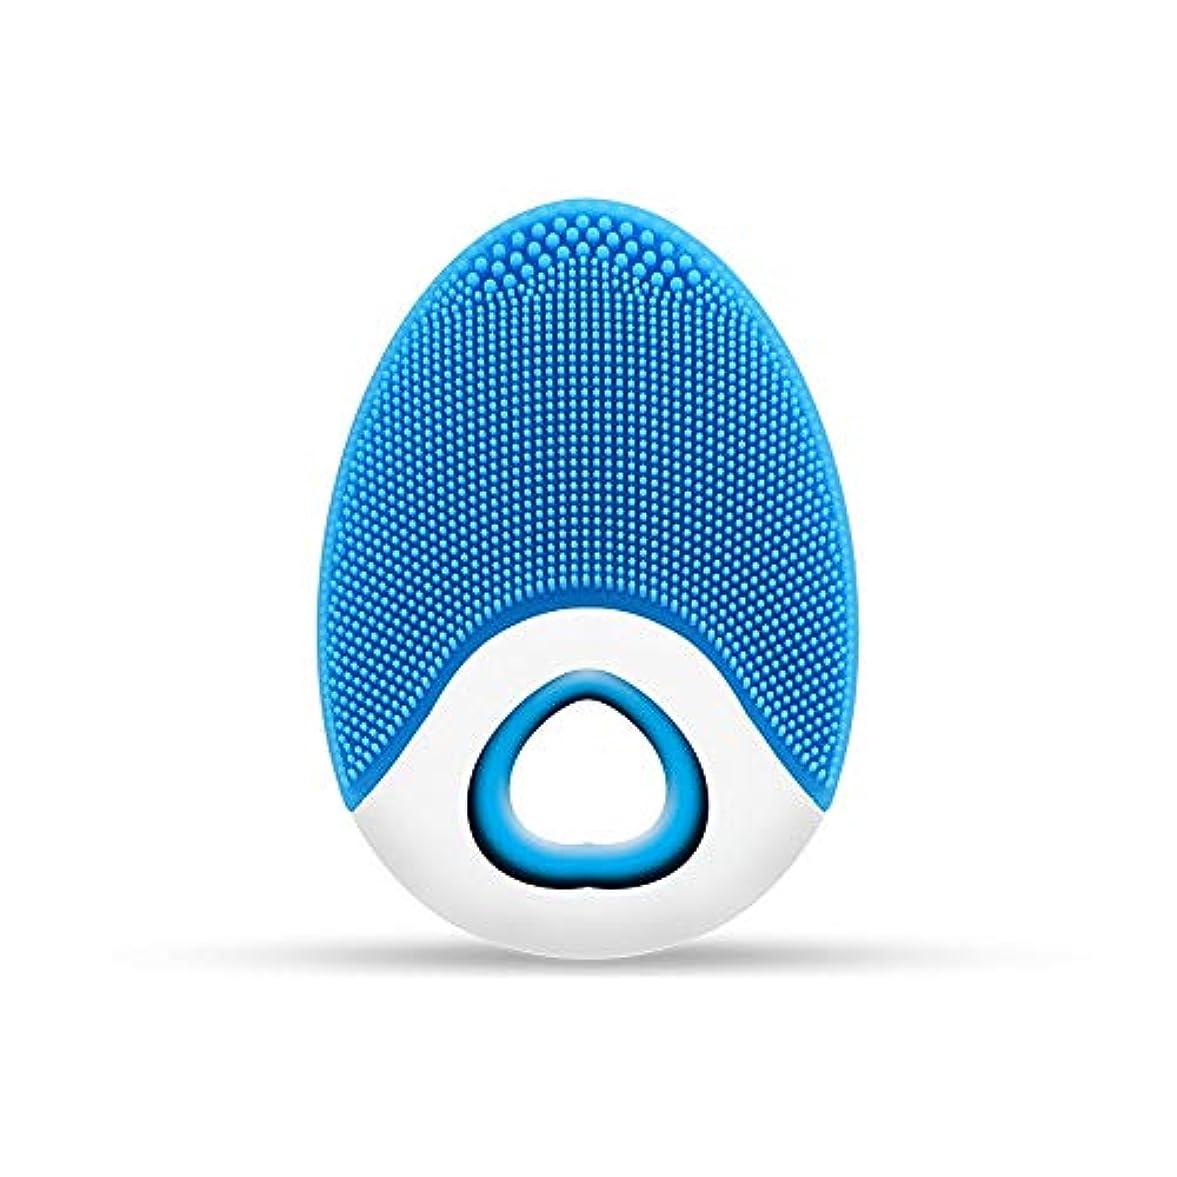 すでに複雑な首相ZXF ワイヤレス充電電気シリコーンクレンジングブラシ高周波振動防水マルチレベル調整クレンジング楽器美容器具 滑らかである (色 : Blue)